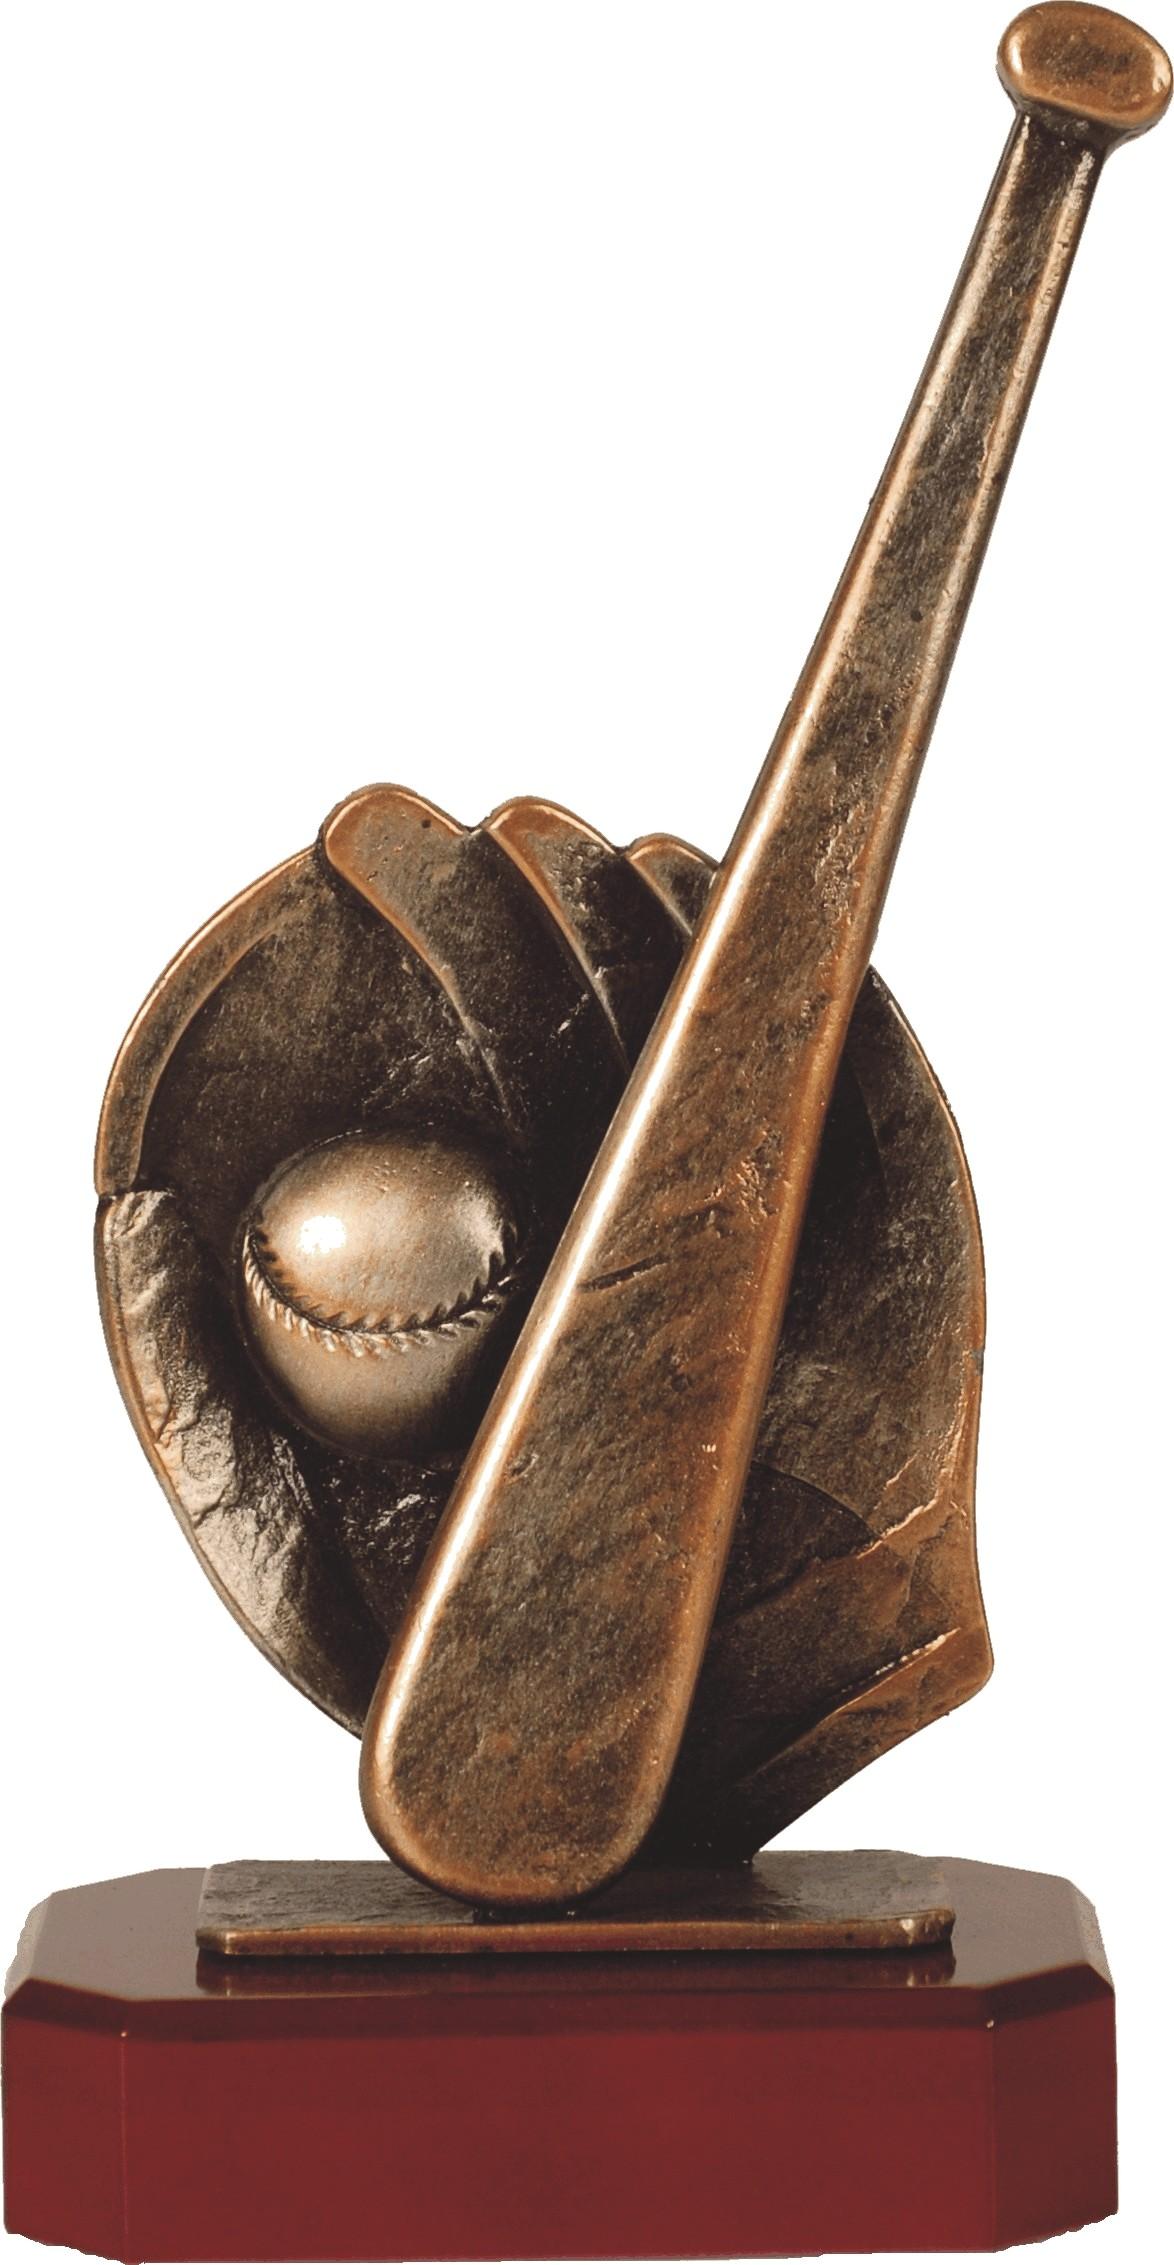 Luxe trofee honkbal / honkballer / honkbalstick met handschoen 27,5cm WBEL 199B